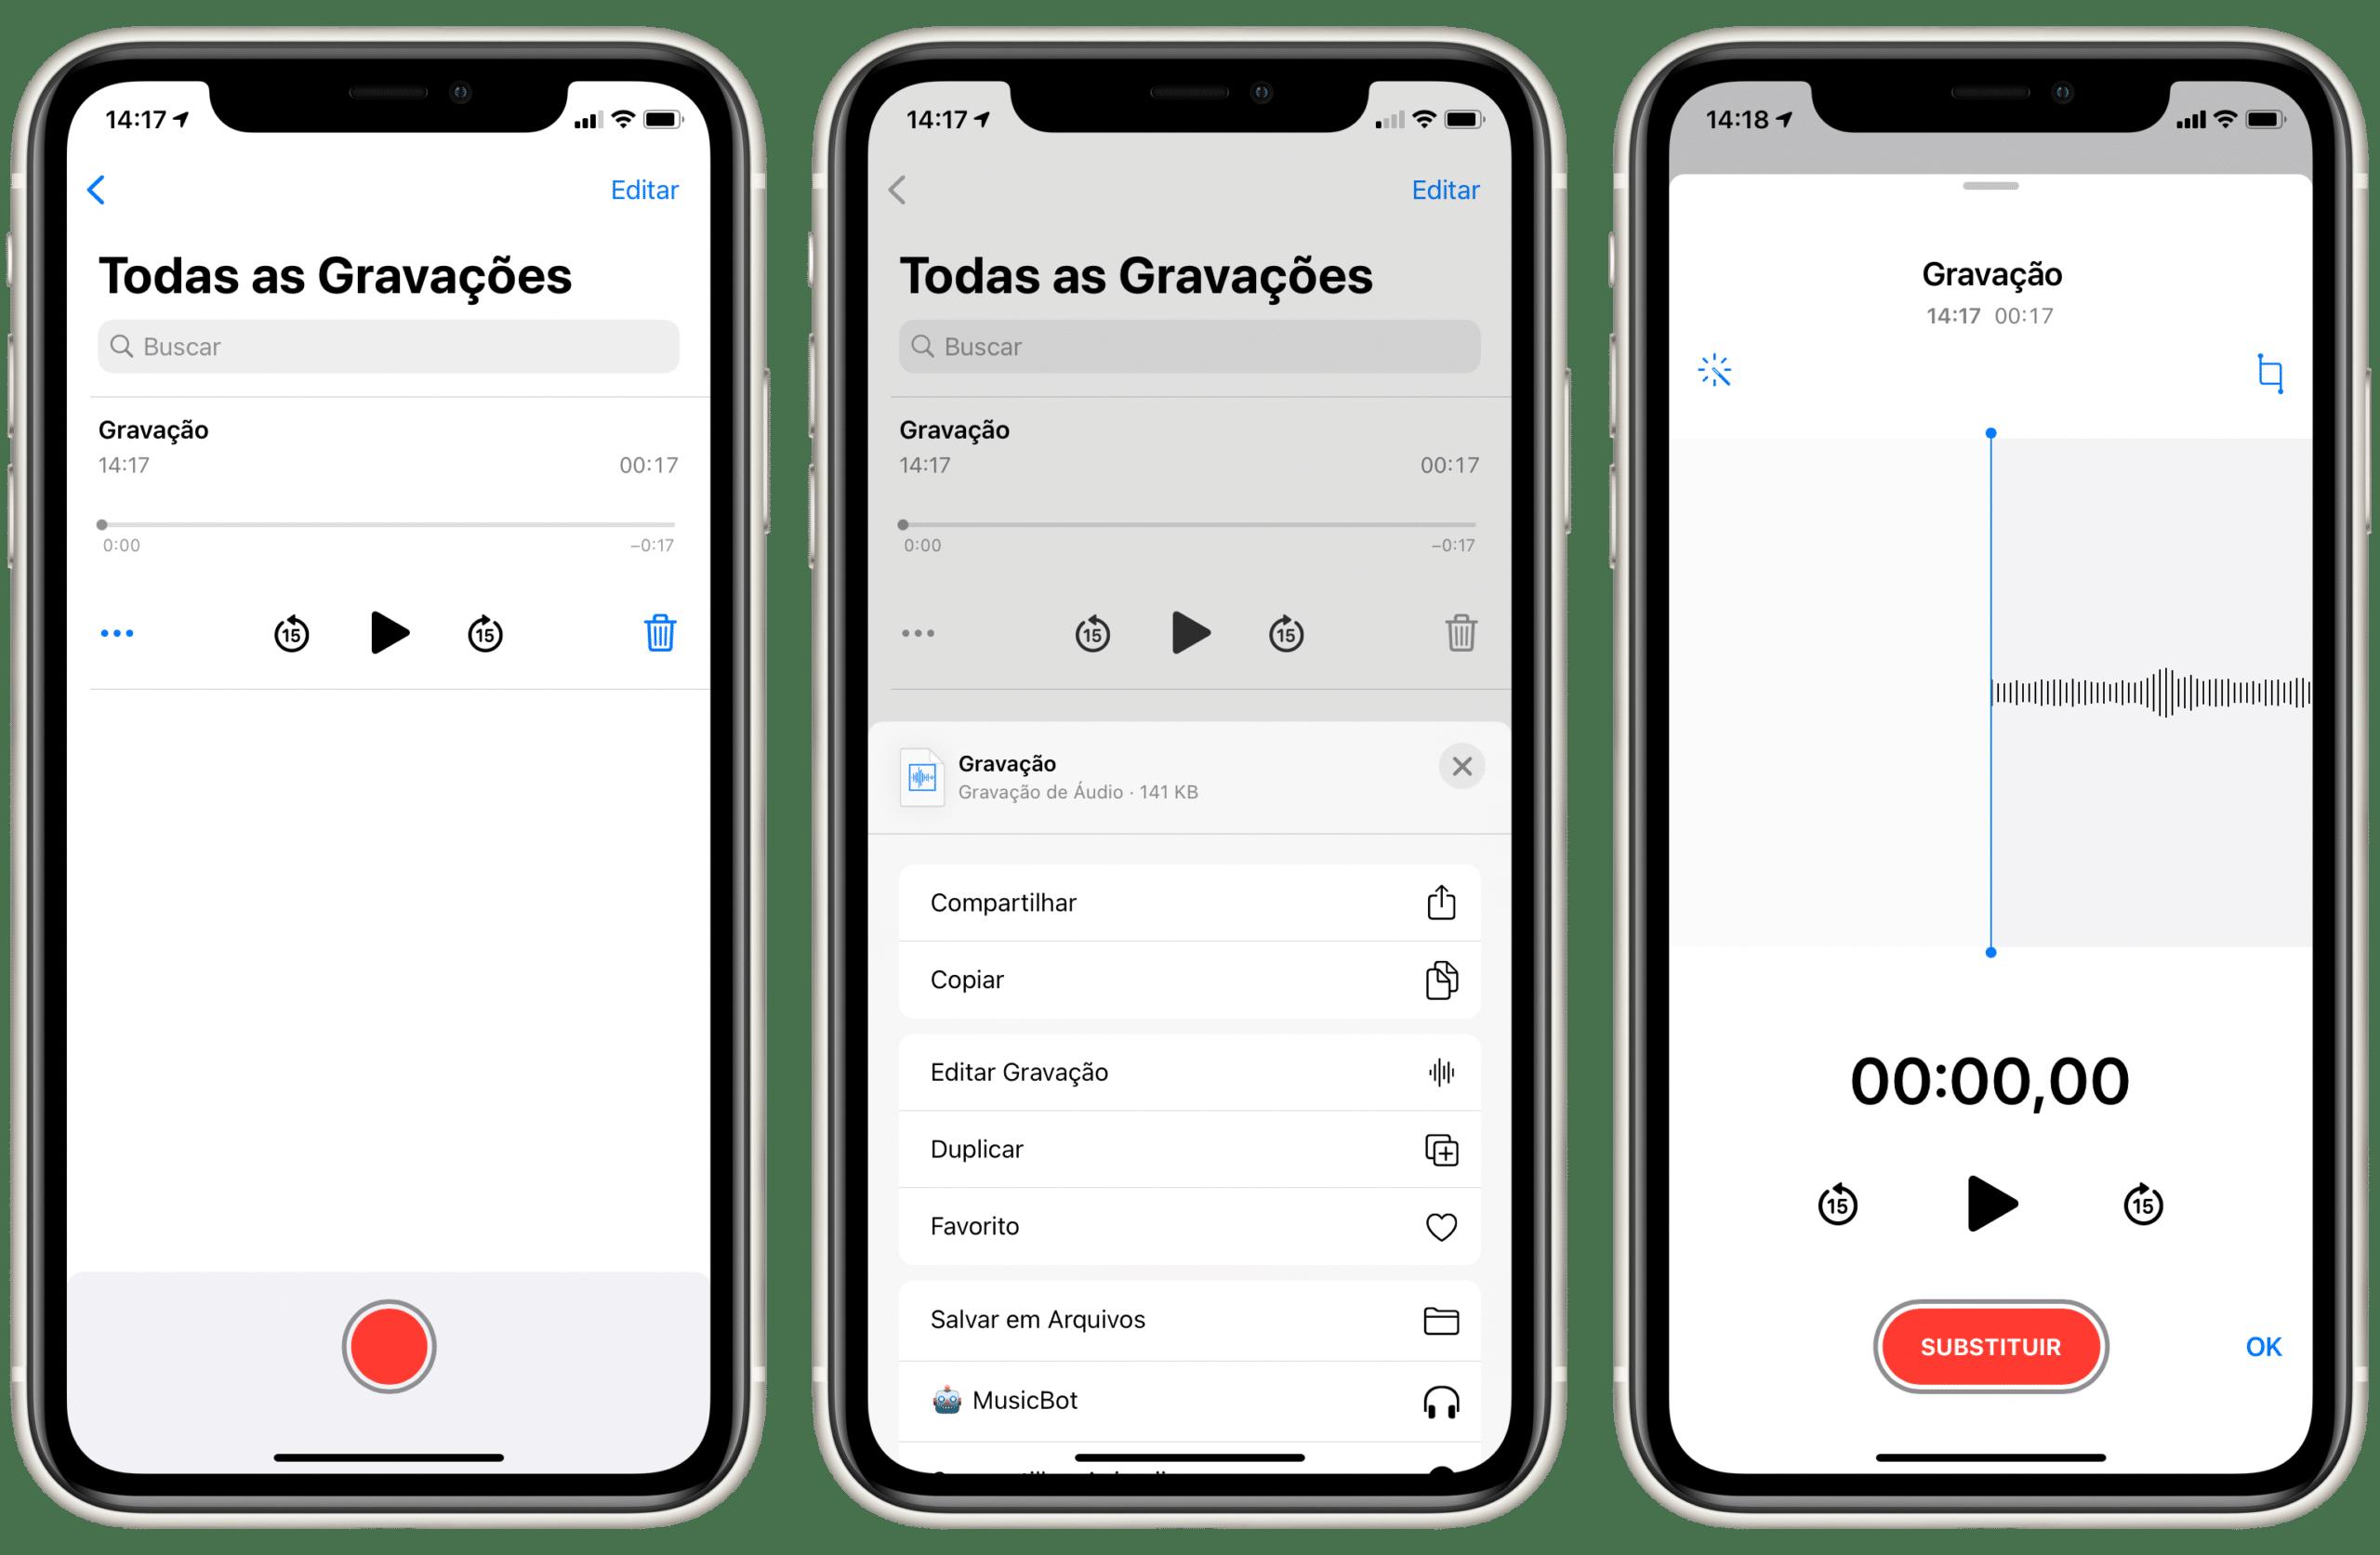 Configurações do app Gravador no iOS 14